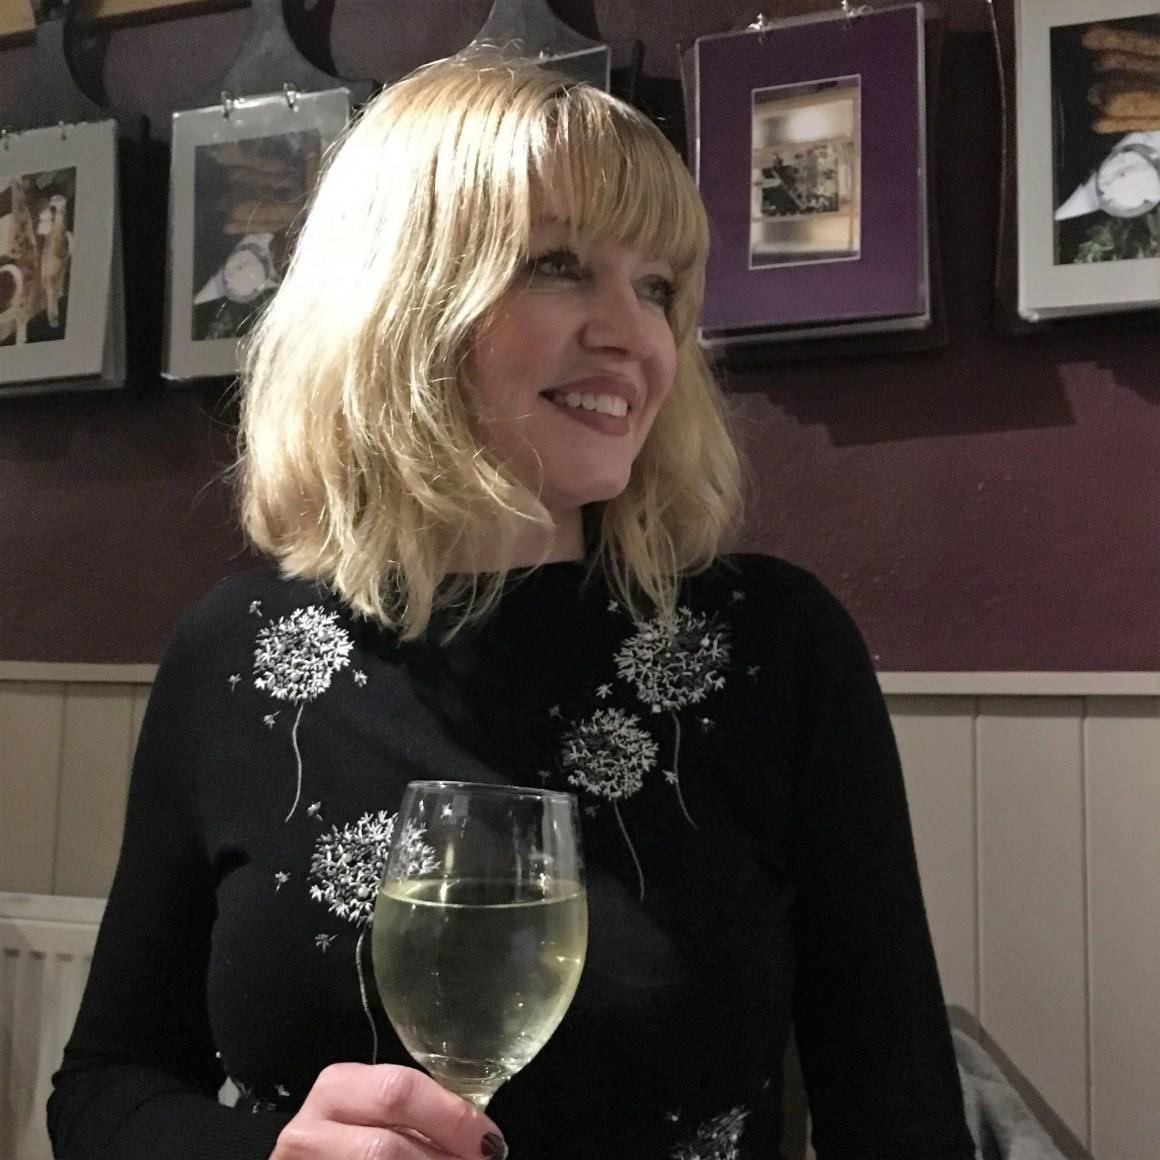 what lizzy loves denaelion embrpidered jumper white wine